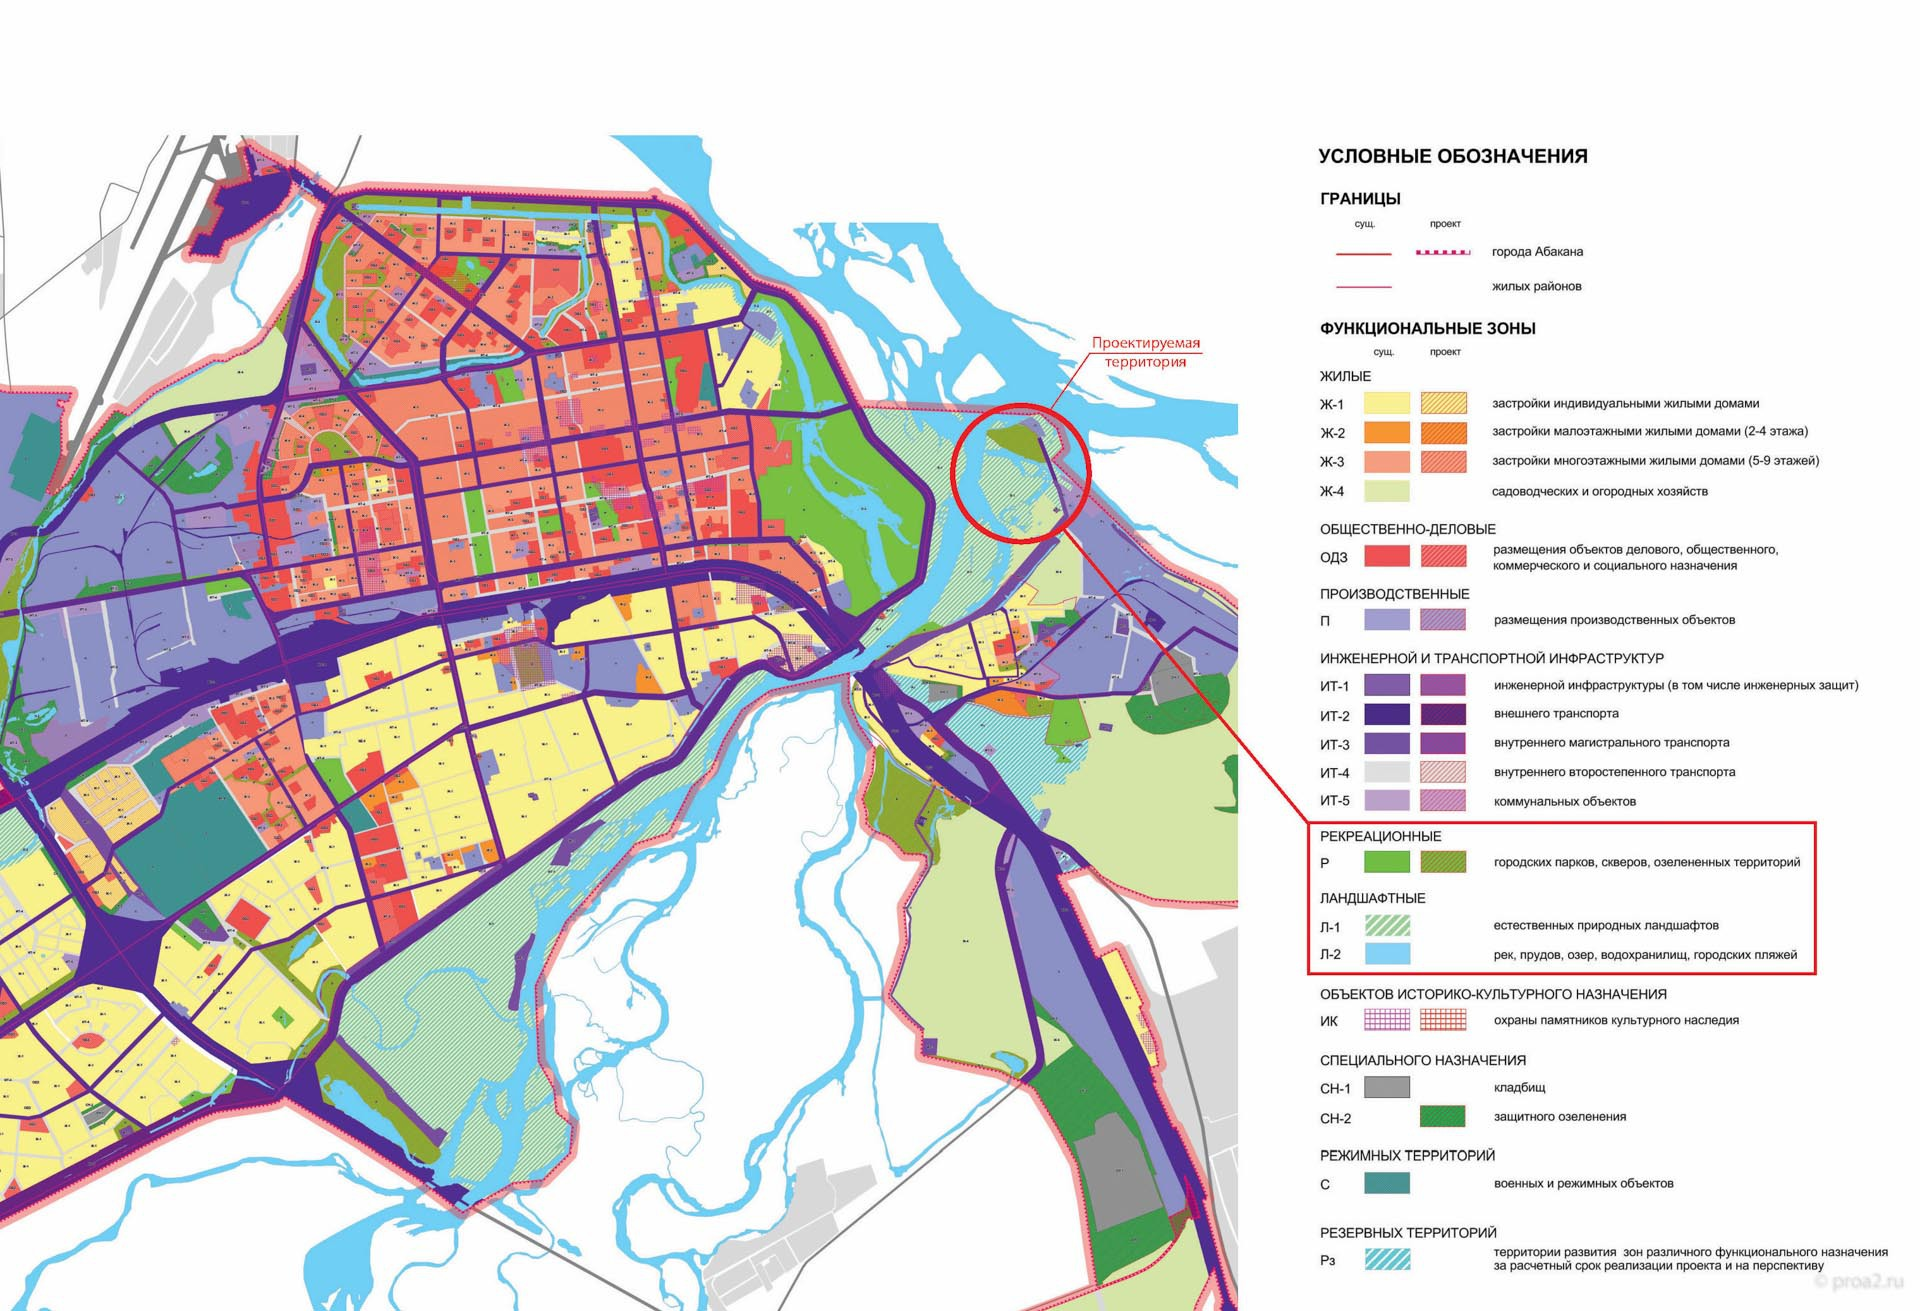 Градостроительное зонирование согласно кодексу: что это, этапы и виды выделения зон, документы для планировки территории